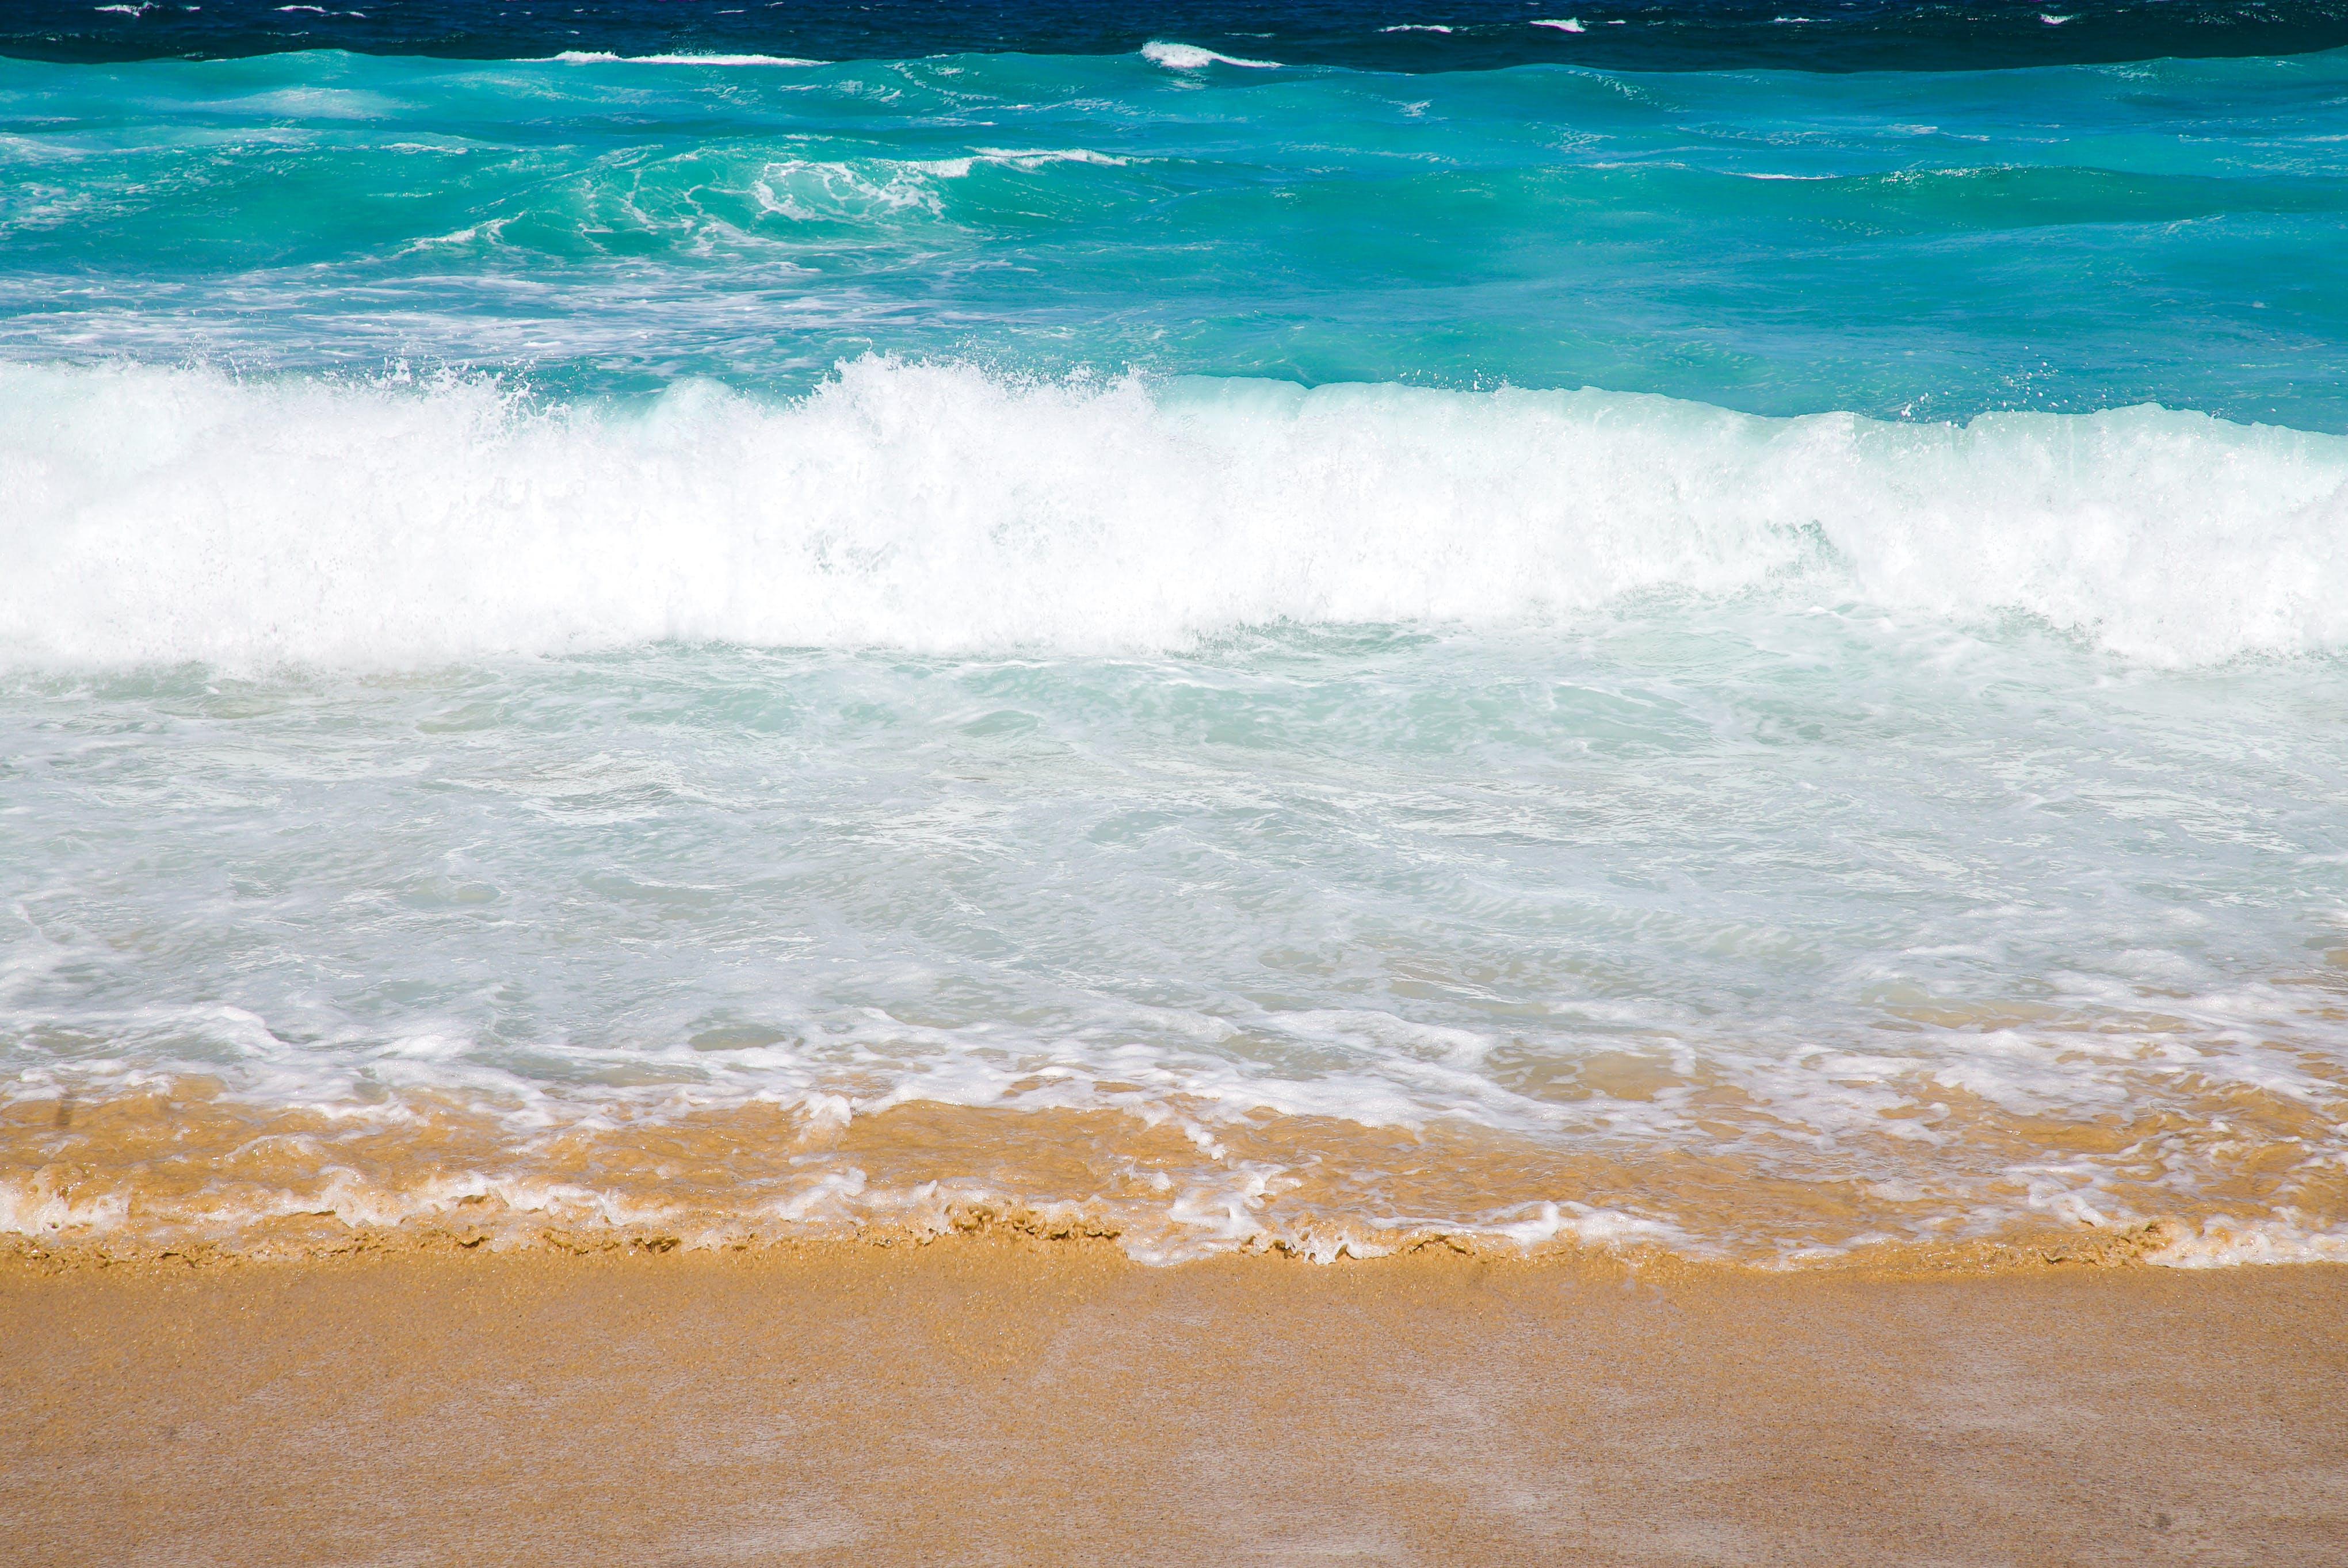 Gratis arkivbilde med bølger, hav, havkyst, landskap